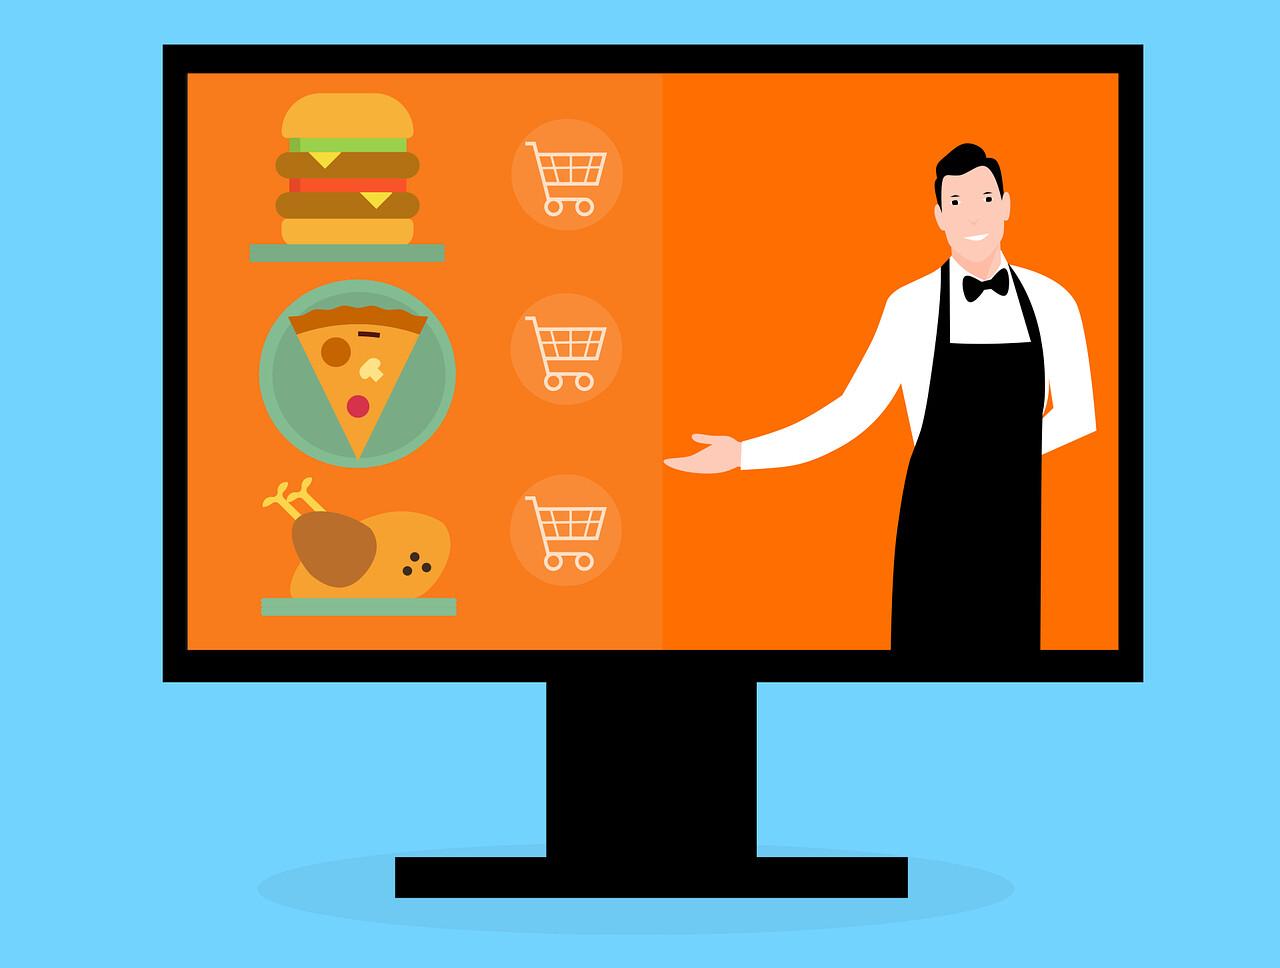 W praktyce najlepiej sprawdza się tworzenie stron internetowych z perspektywy konsumentów, którzy byliby zainteresowani skorzystaniem z przedstawianej im oferty